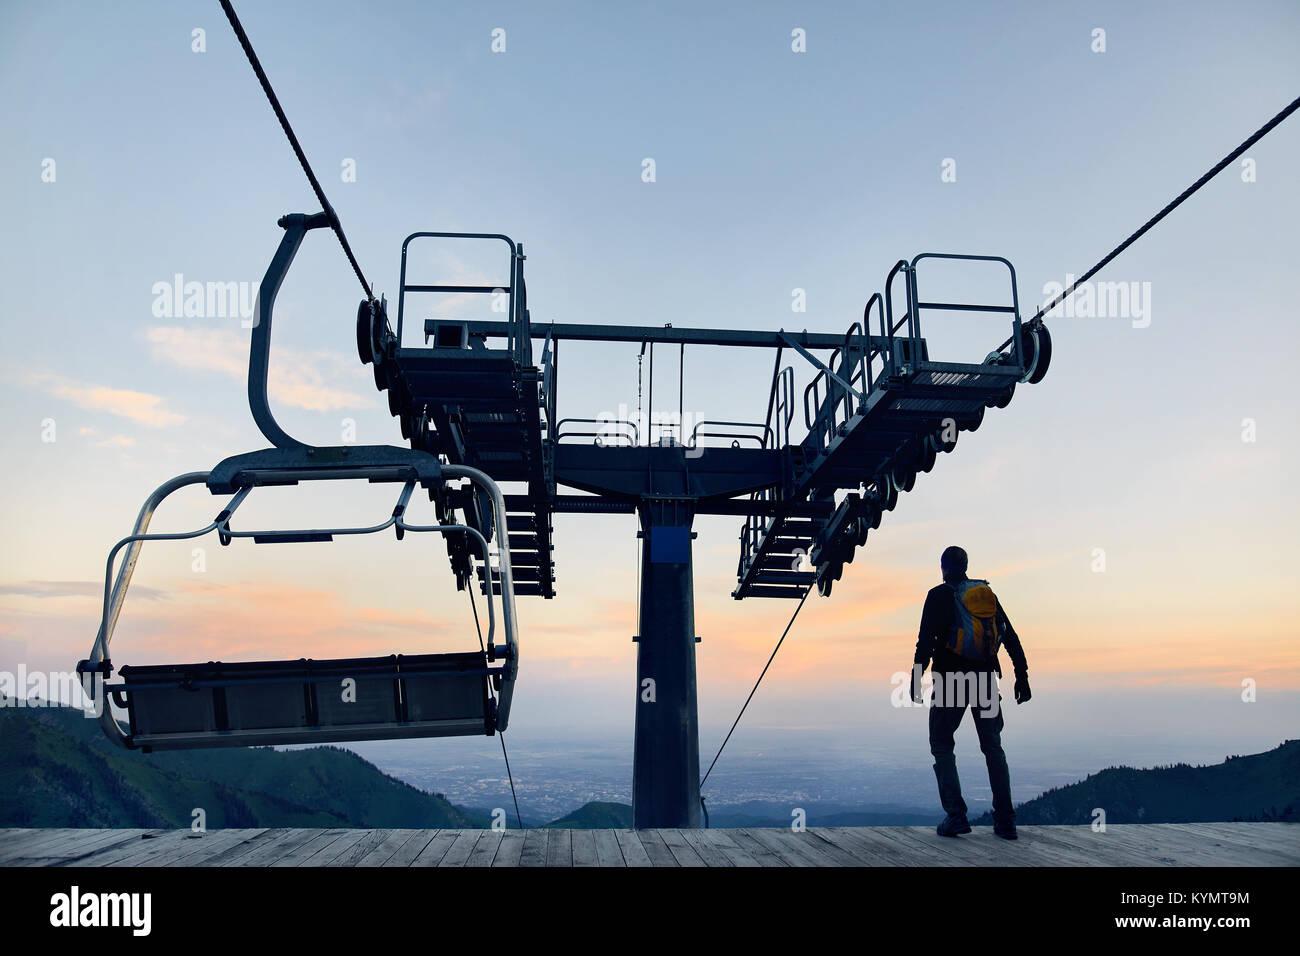 Tourist man walking at ski lift station in silhouette high in mountain ski resort at sunrise - Stock Image